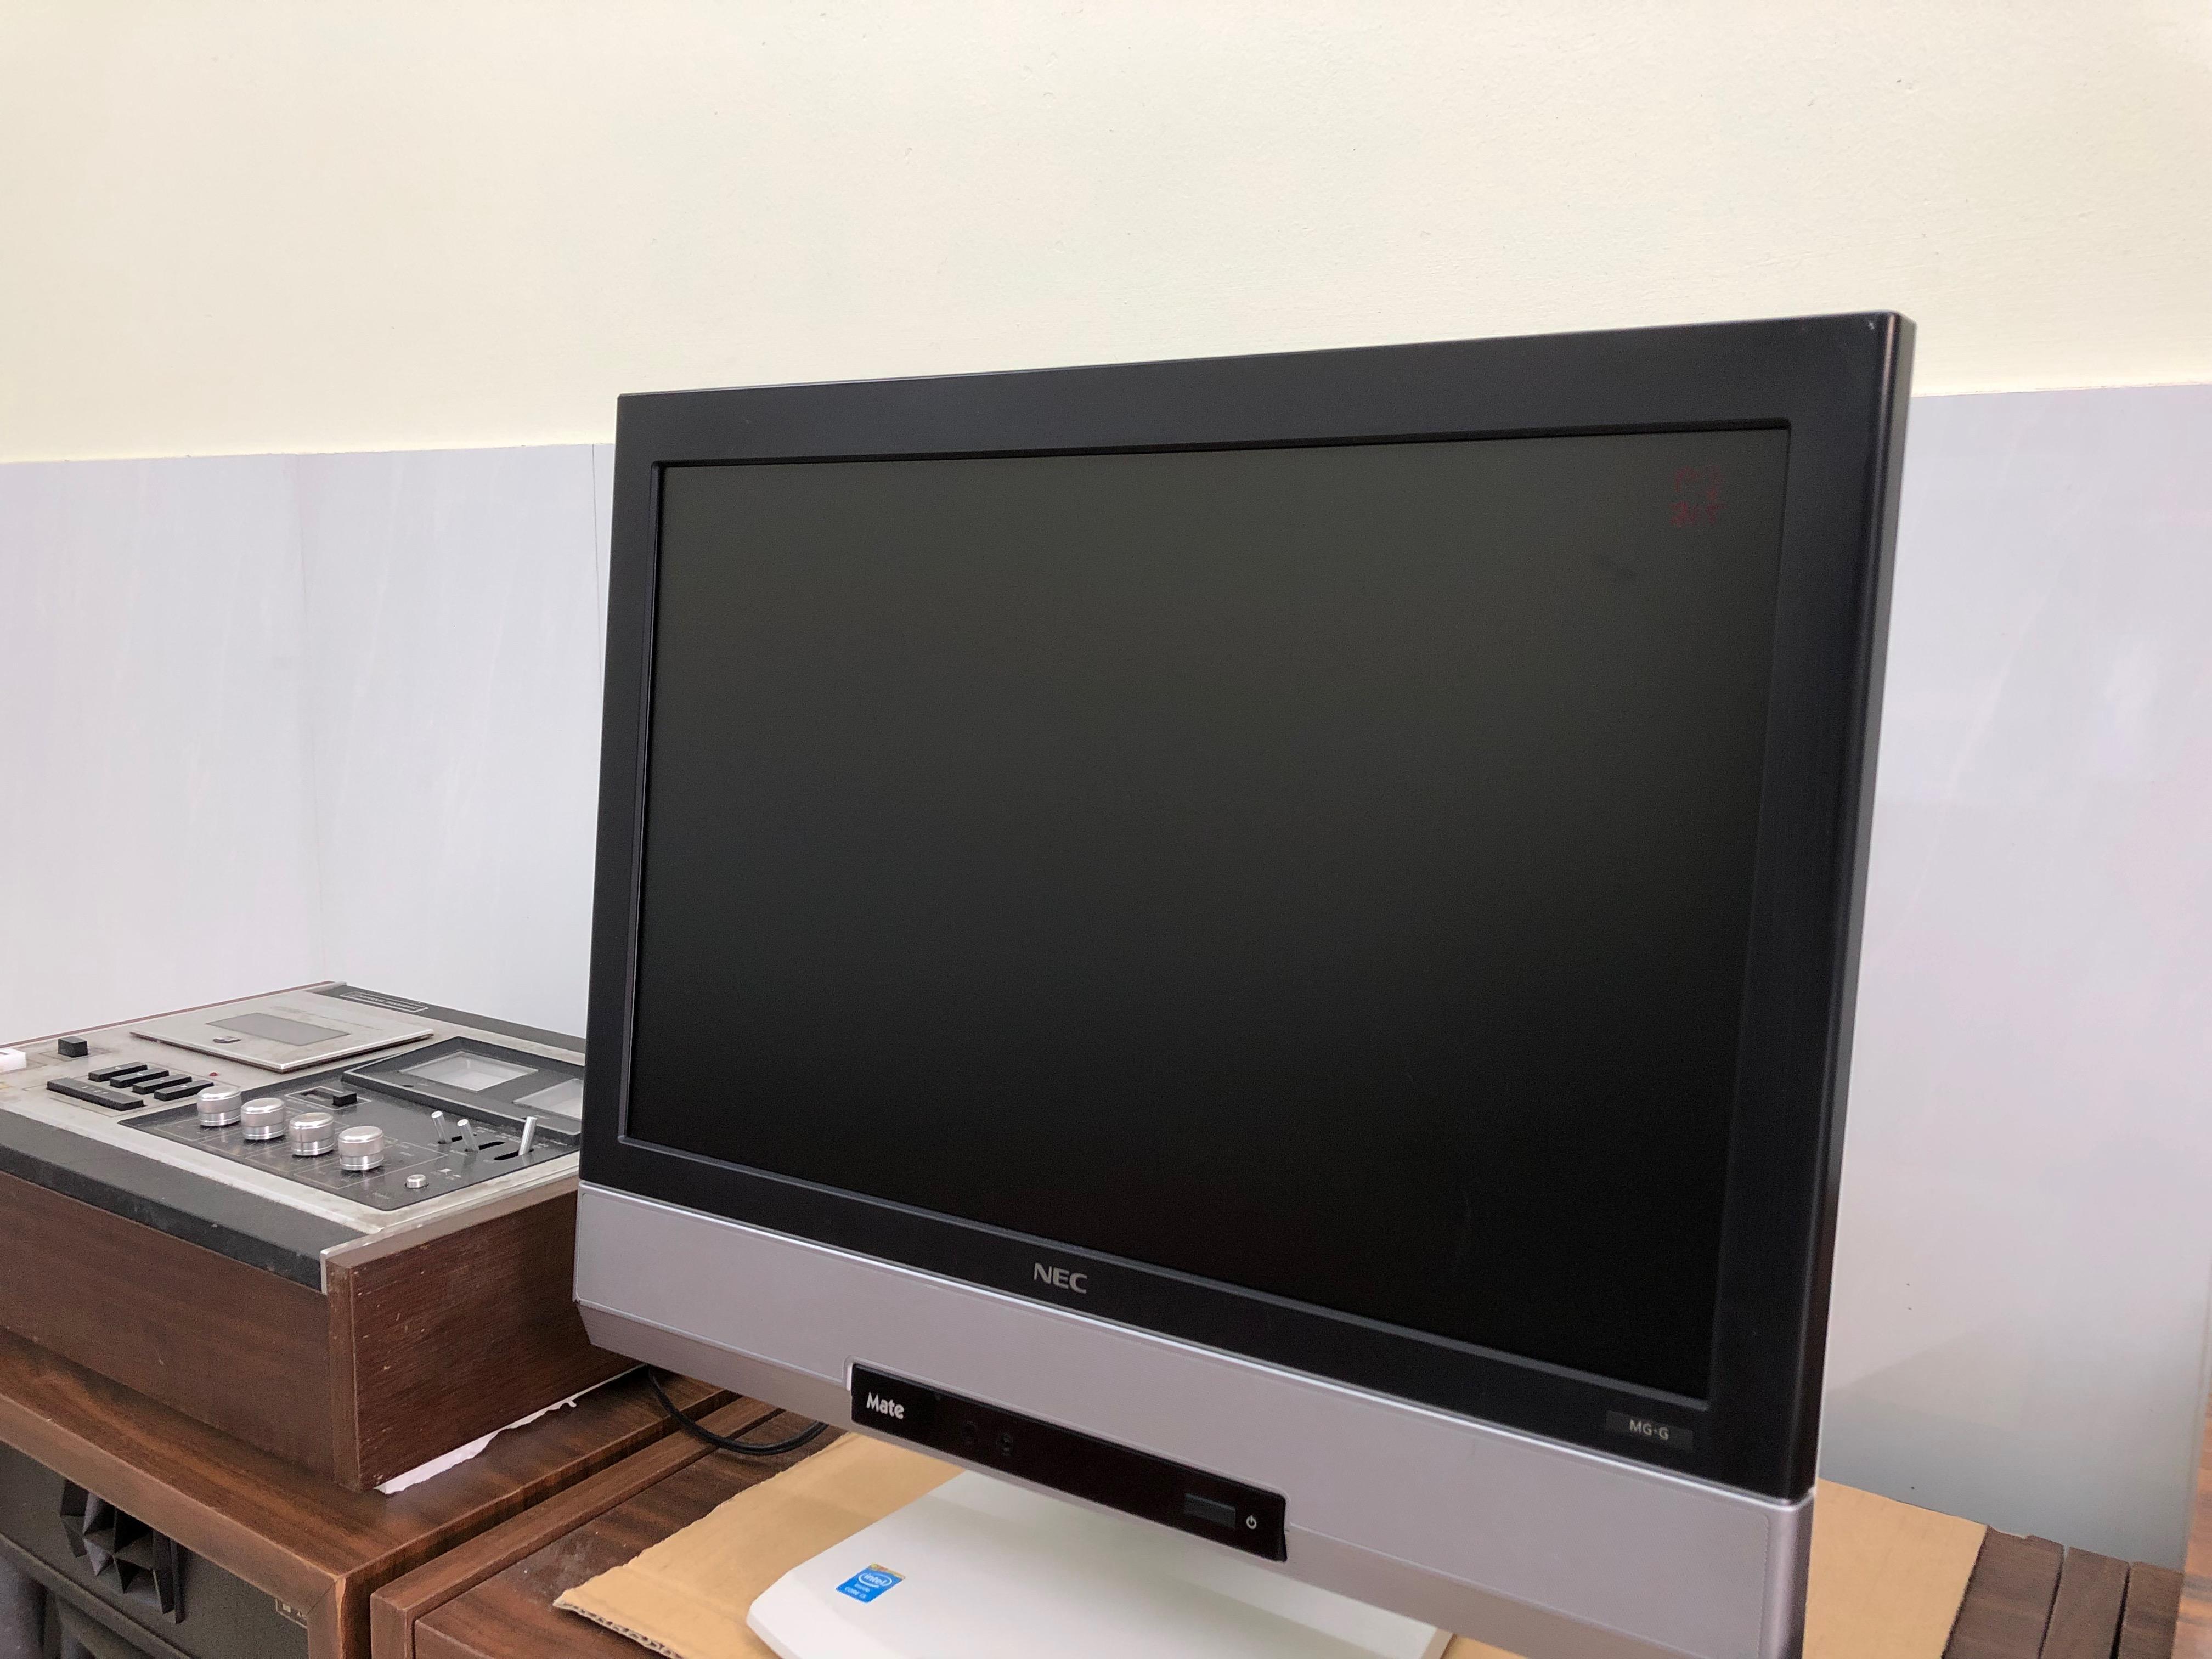 All in one NEC ( case liền màn hình ) tất cả trong một loa nghe rất to và ấm...